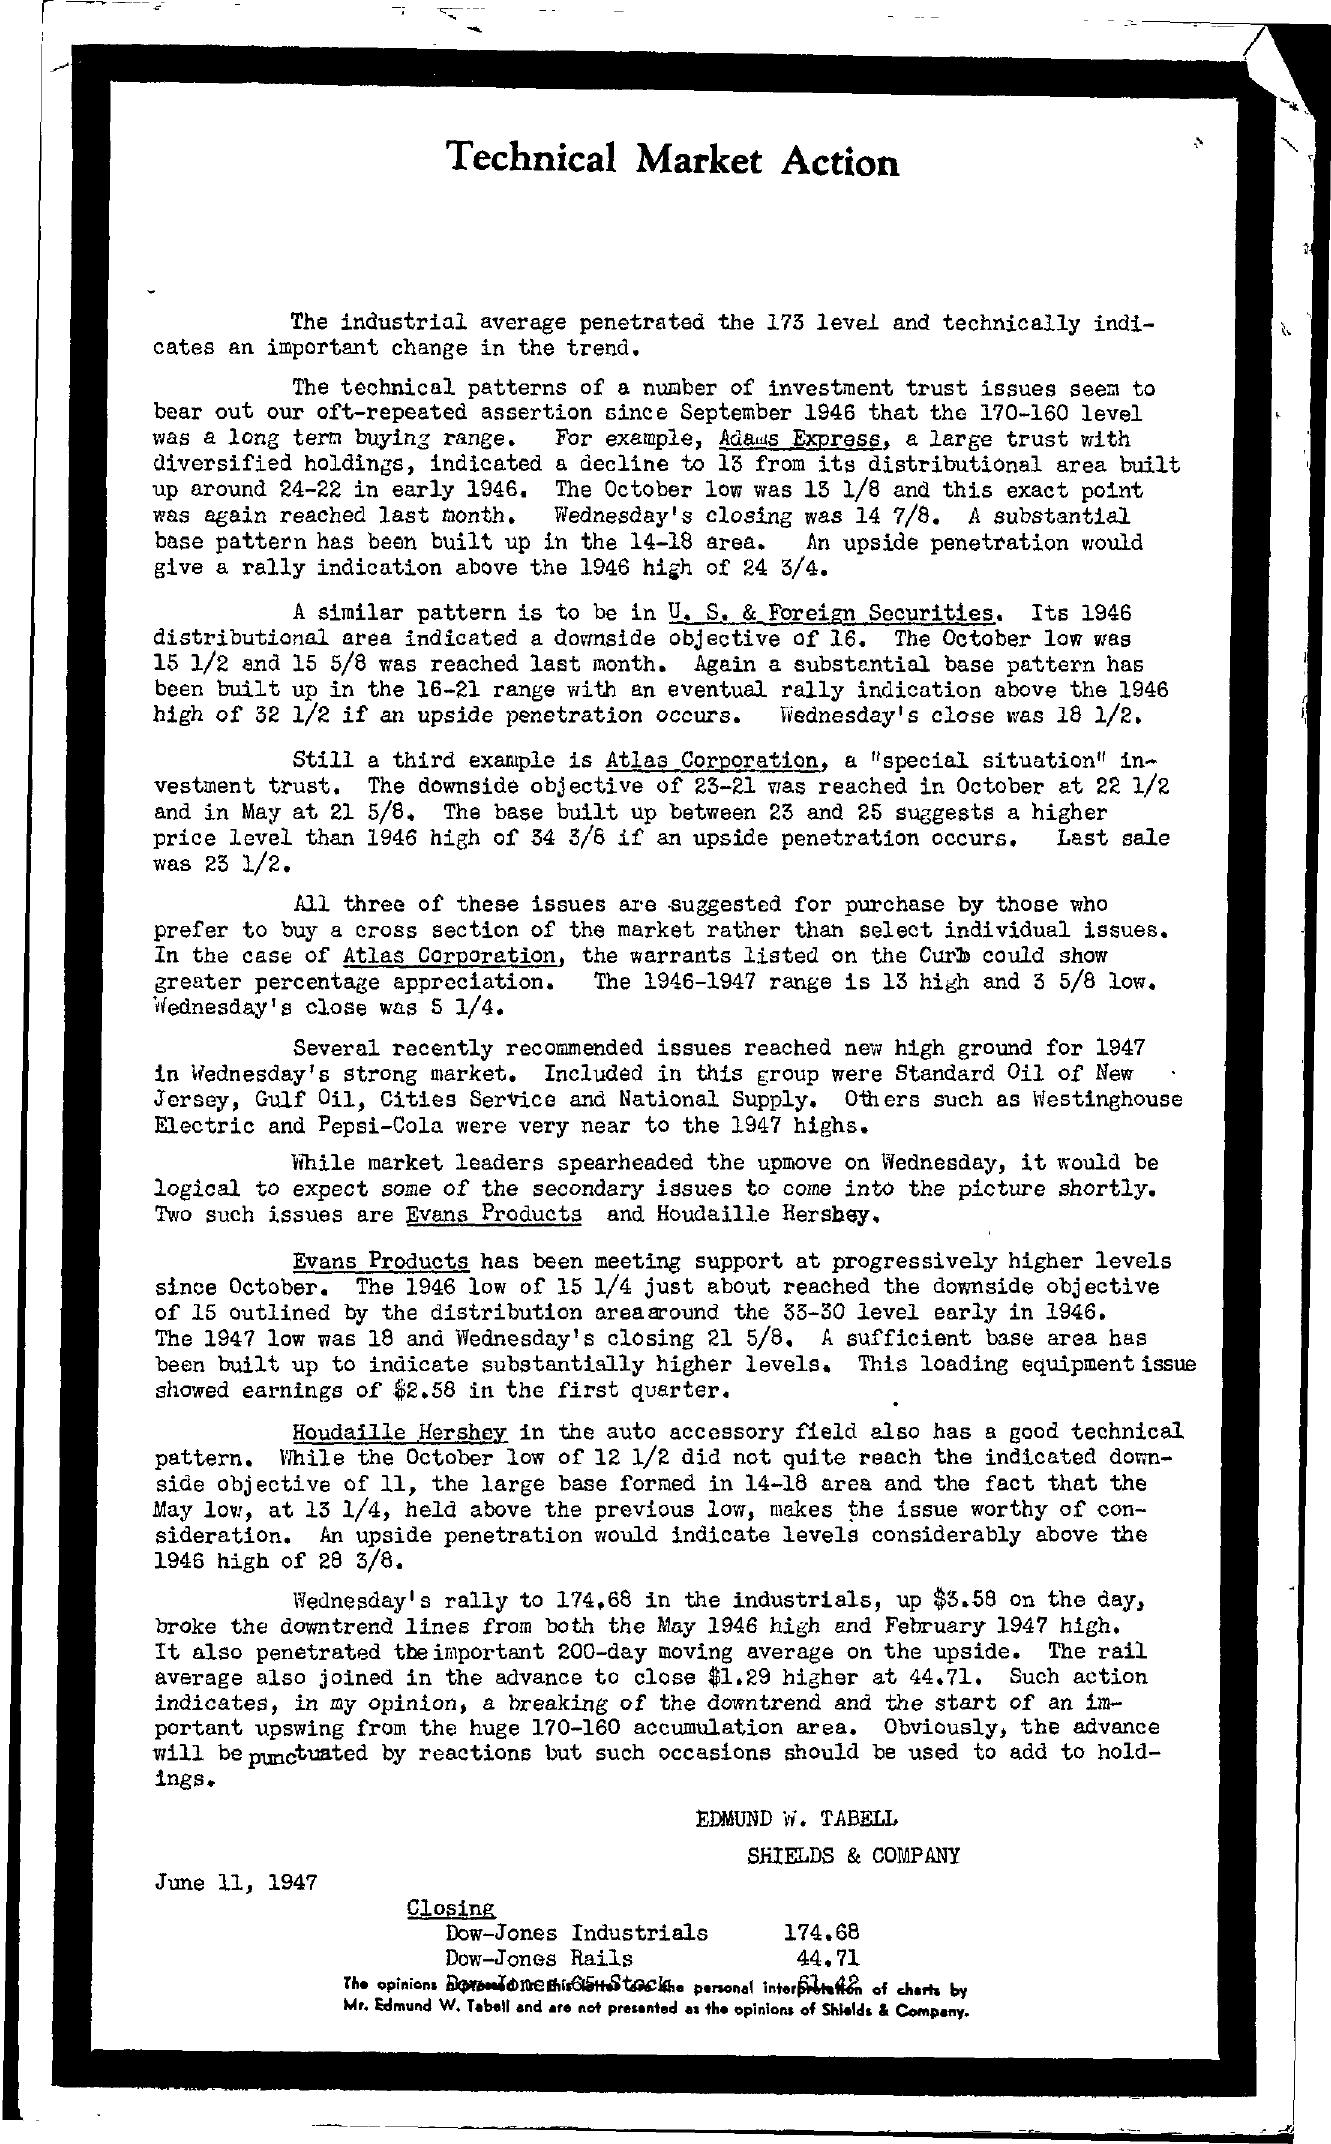 Tabell's Market Letter - June 11, 1947